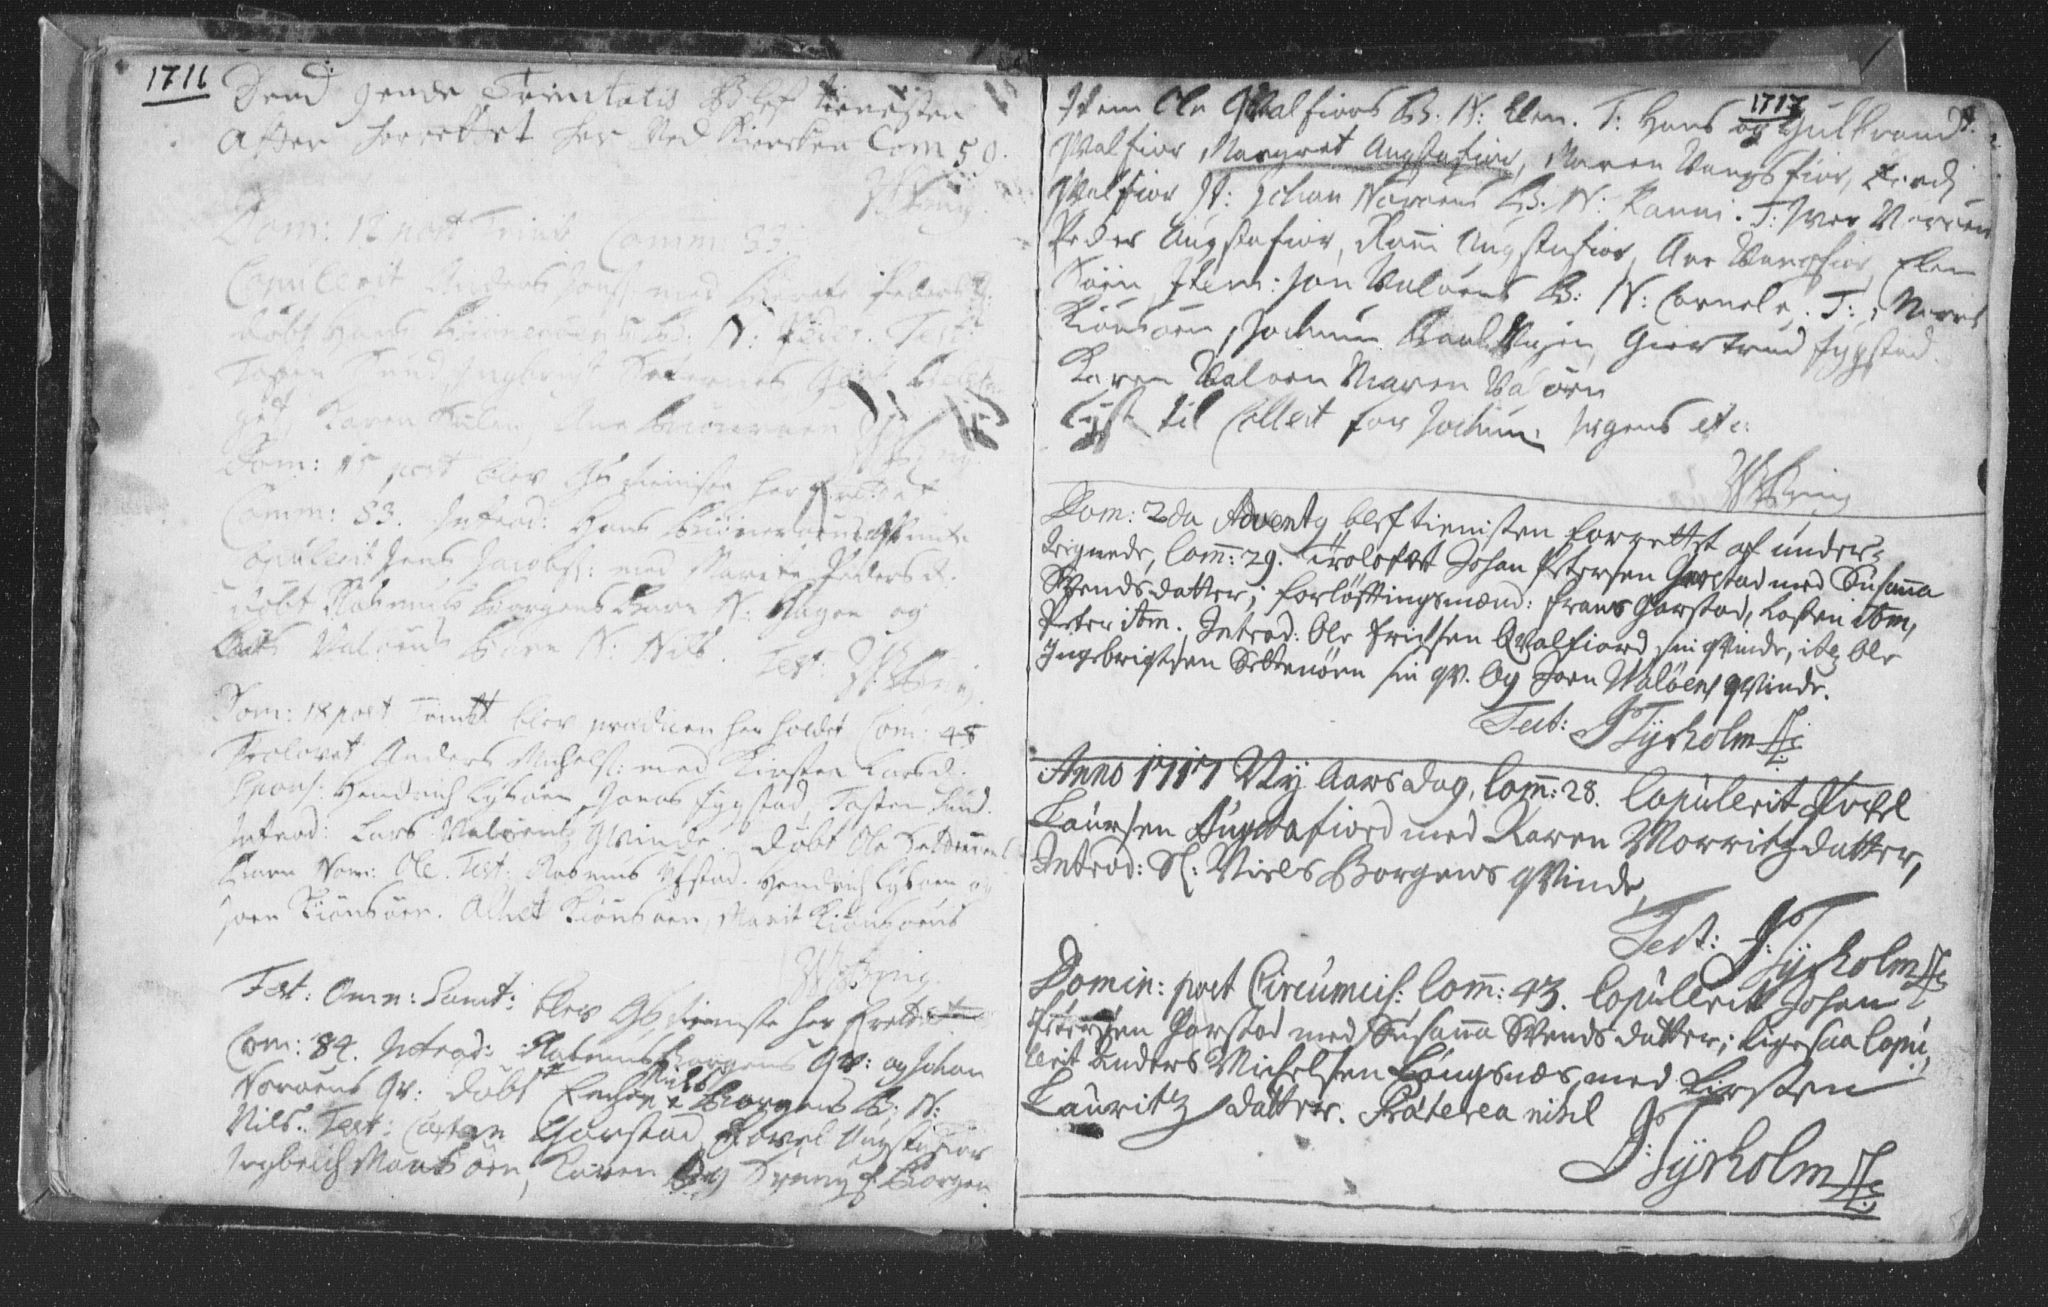 SAT, Ministerialprotokoller, klokkerbøker og fødselsregistre - Nord-Trøndelag, 786/L0685: Ministerialbok nr. 786A01, 1710-1798, s. 9